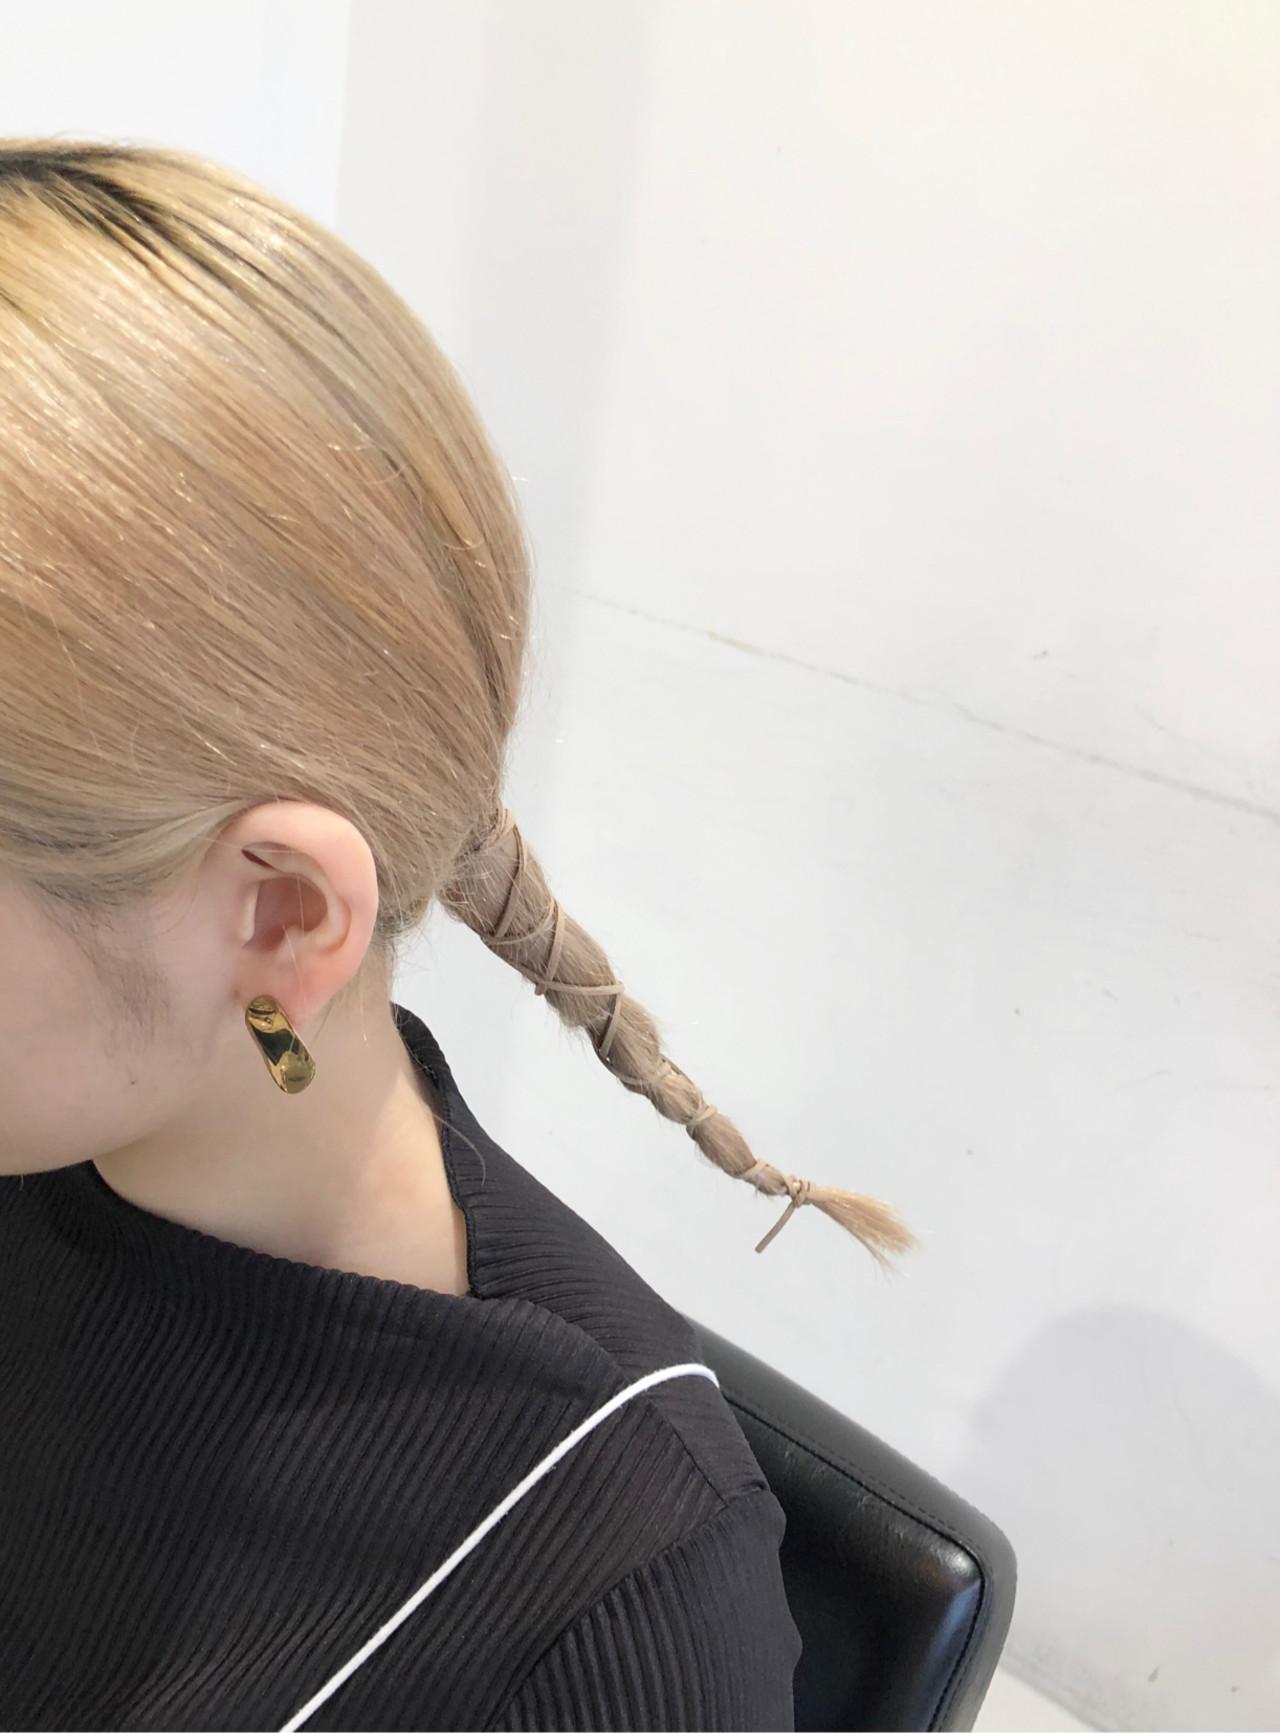 ロング 簡単ヘアアレンジ 紐アレンジ ローポニーテール ヘアスタイルや髪型の写真・画像 | natsukiナツキ/ALIVEharajuku / ALIVE  harajuku